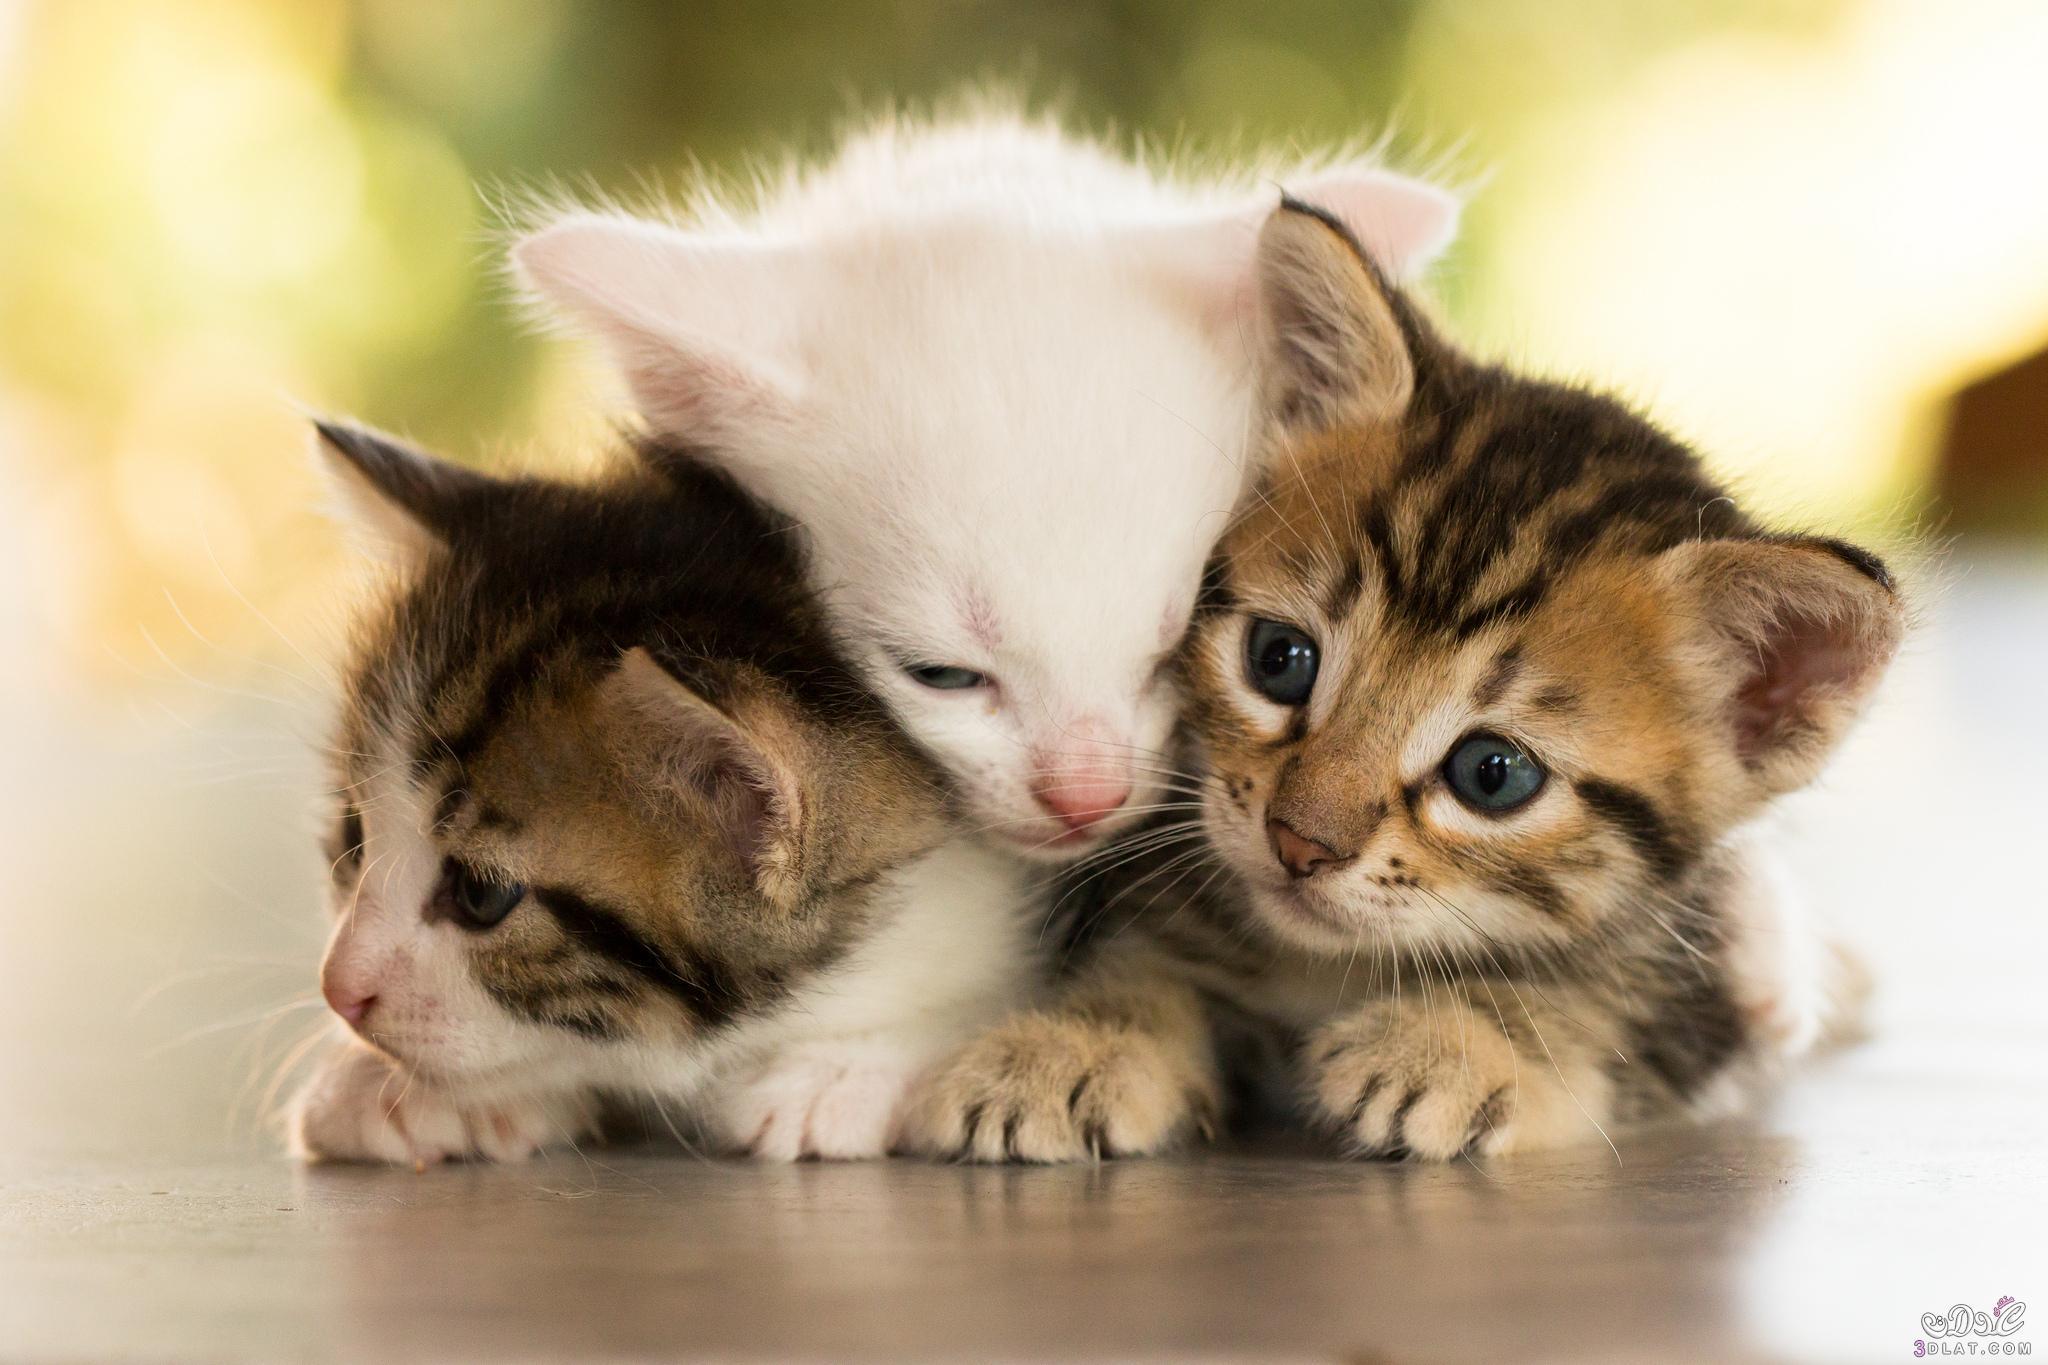 بالصور اجمل الصور للقطط في العالم , خلفيات صور قطط 4041